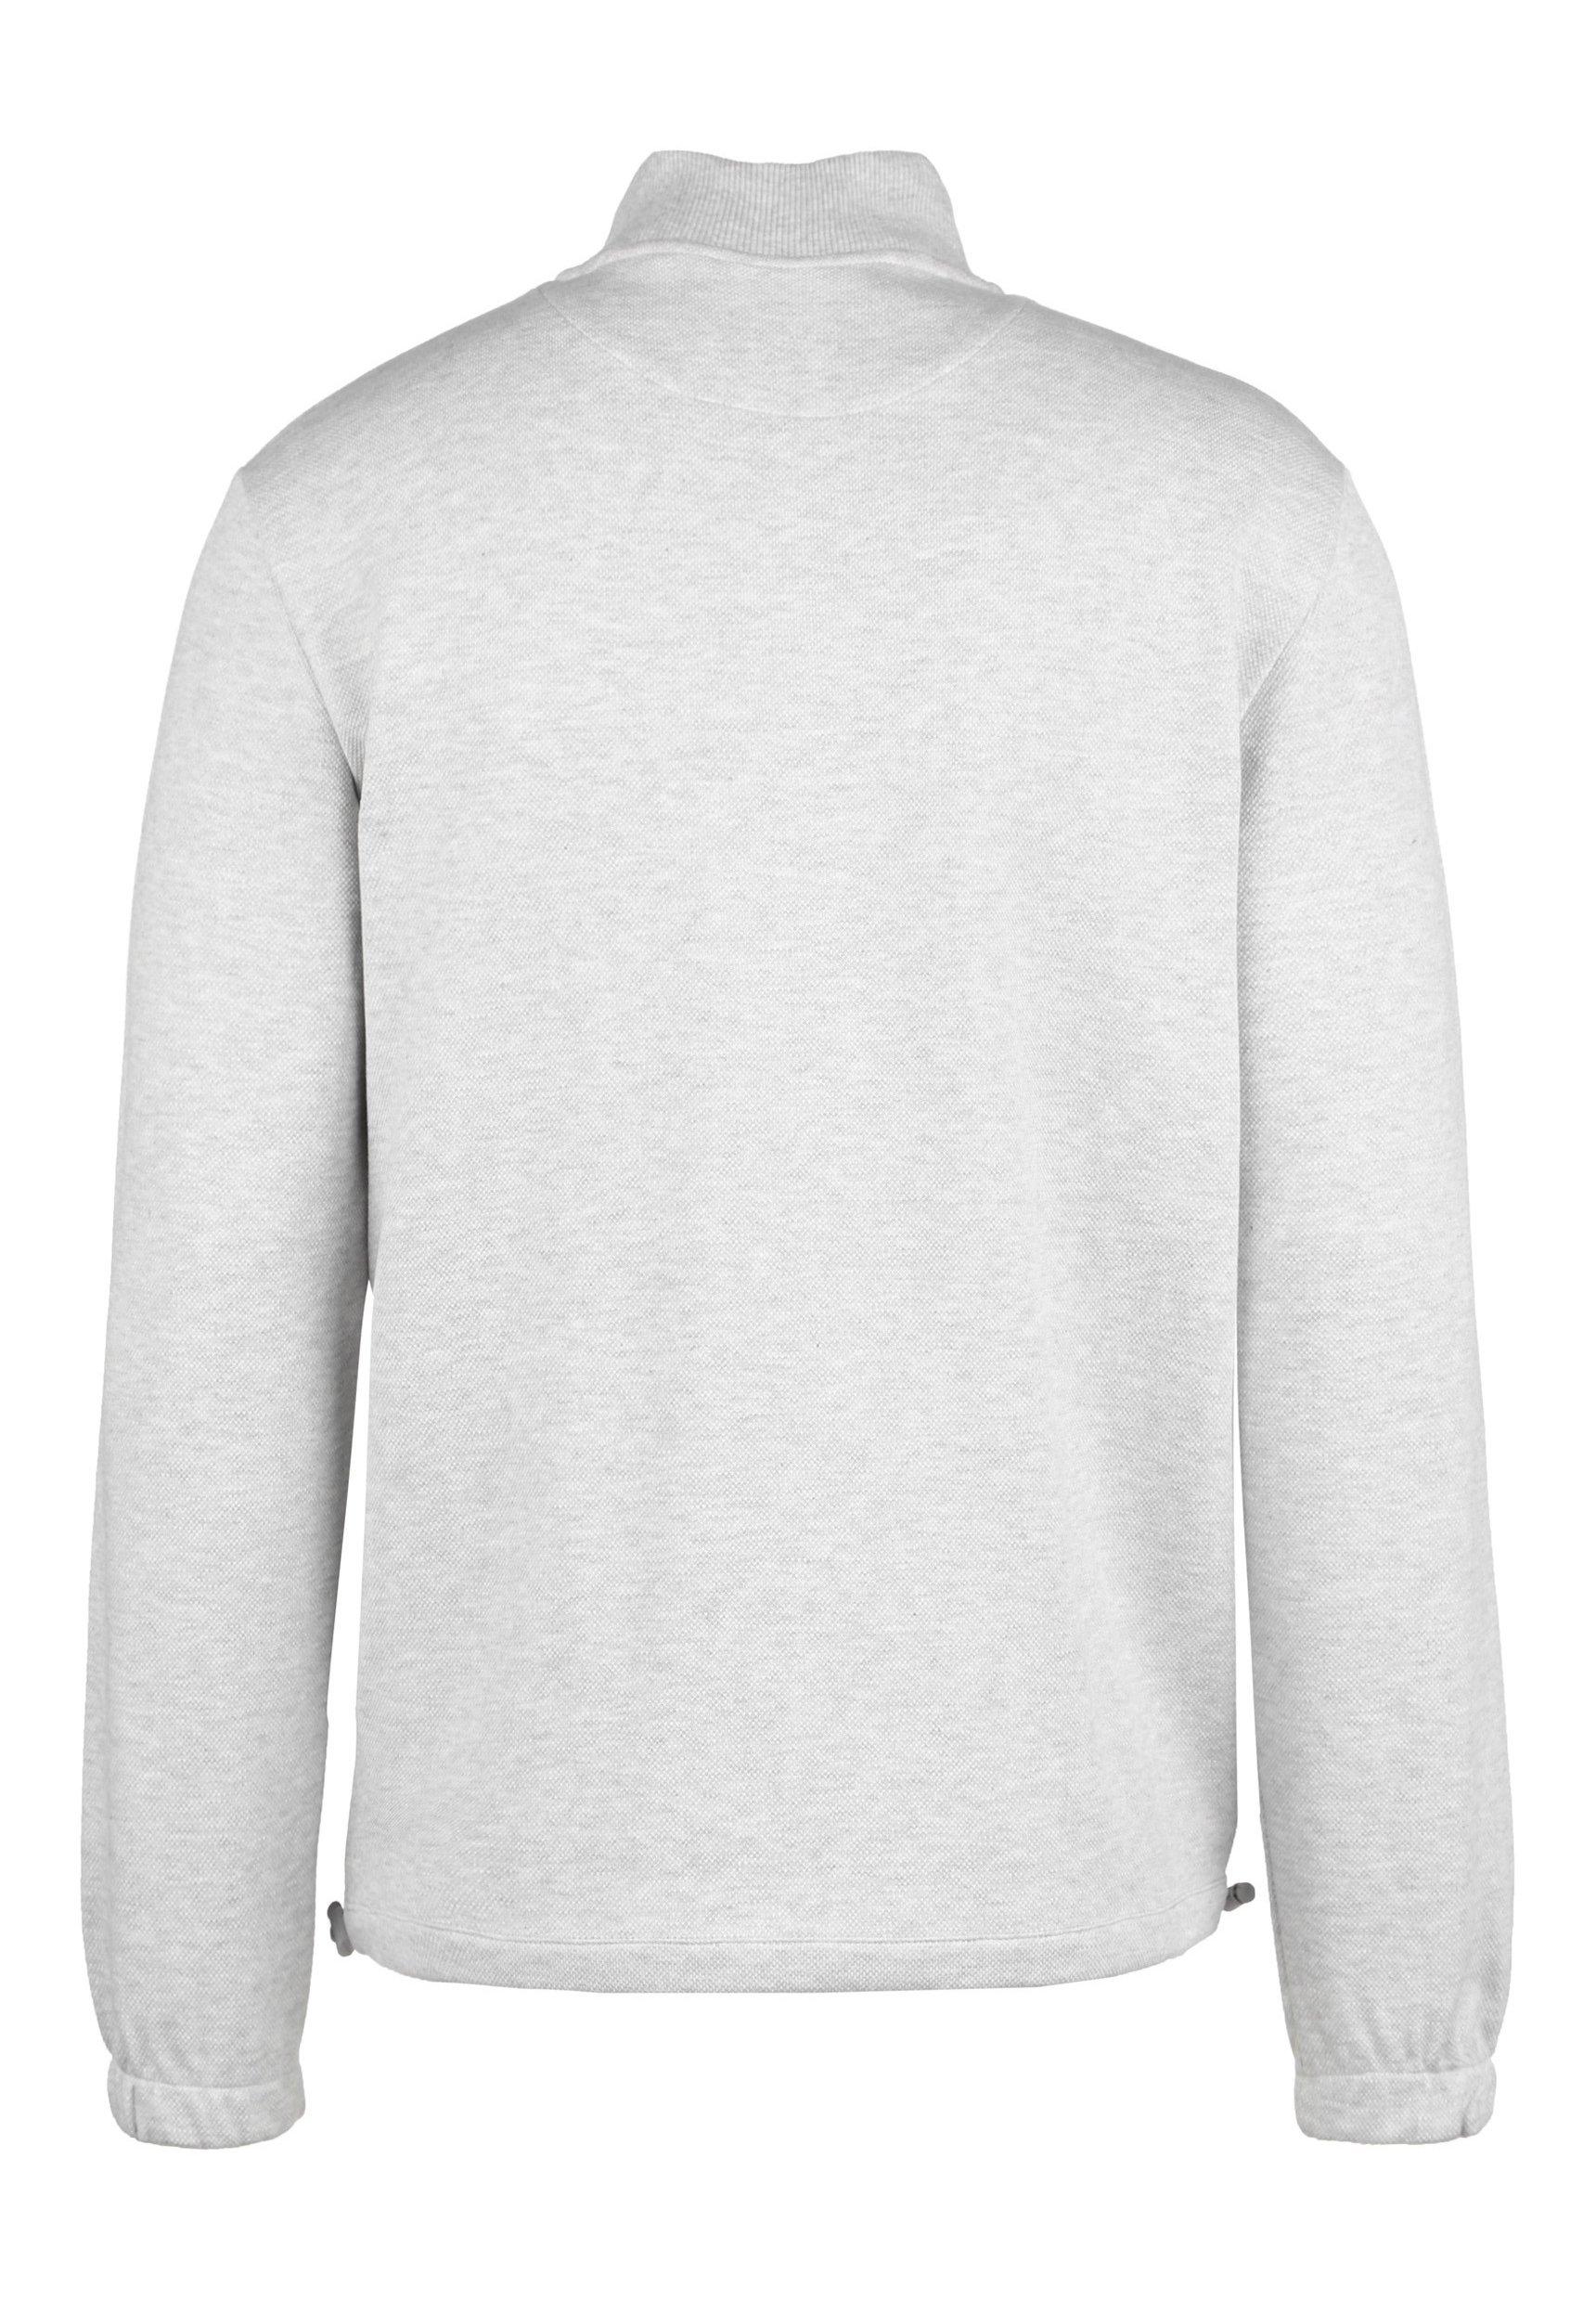 Lyle & Scott PIQUE 1/4 ZIP SWEATSHIRT HERREN - Sweatshirt - light grey marl